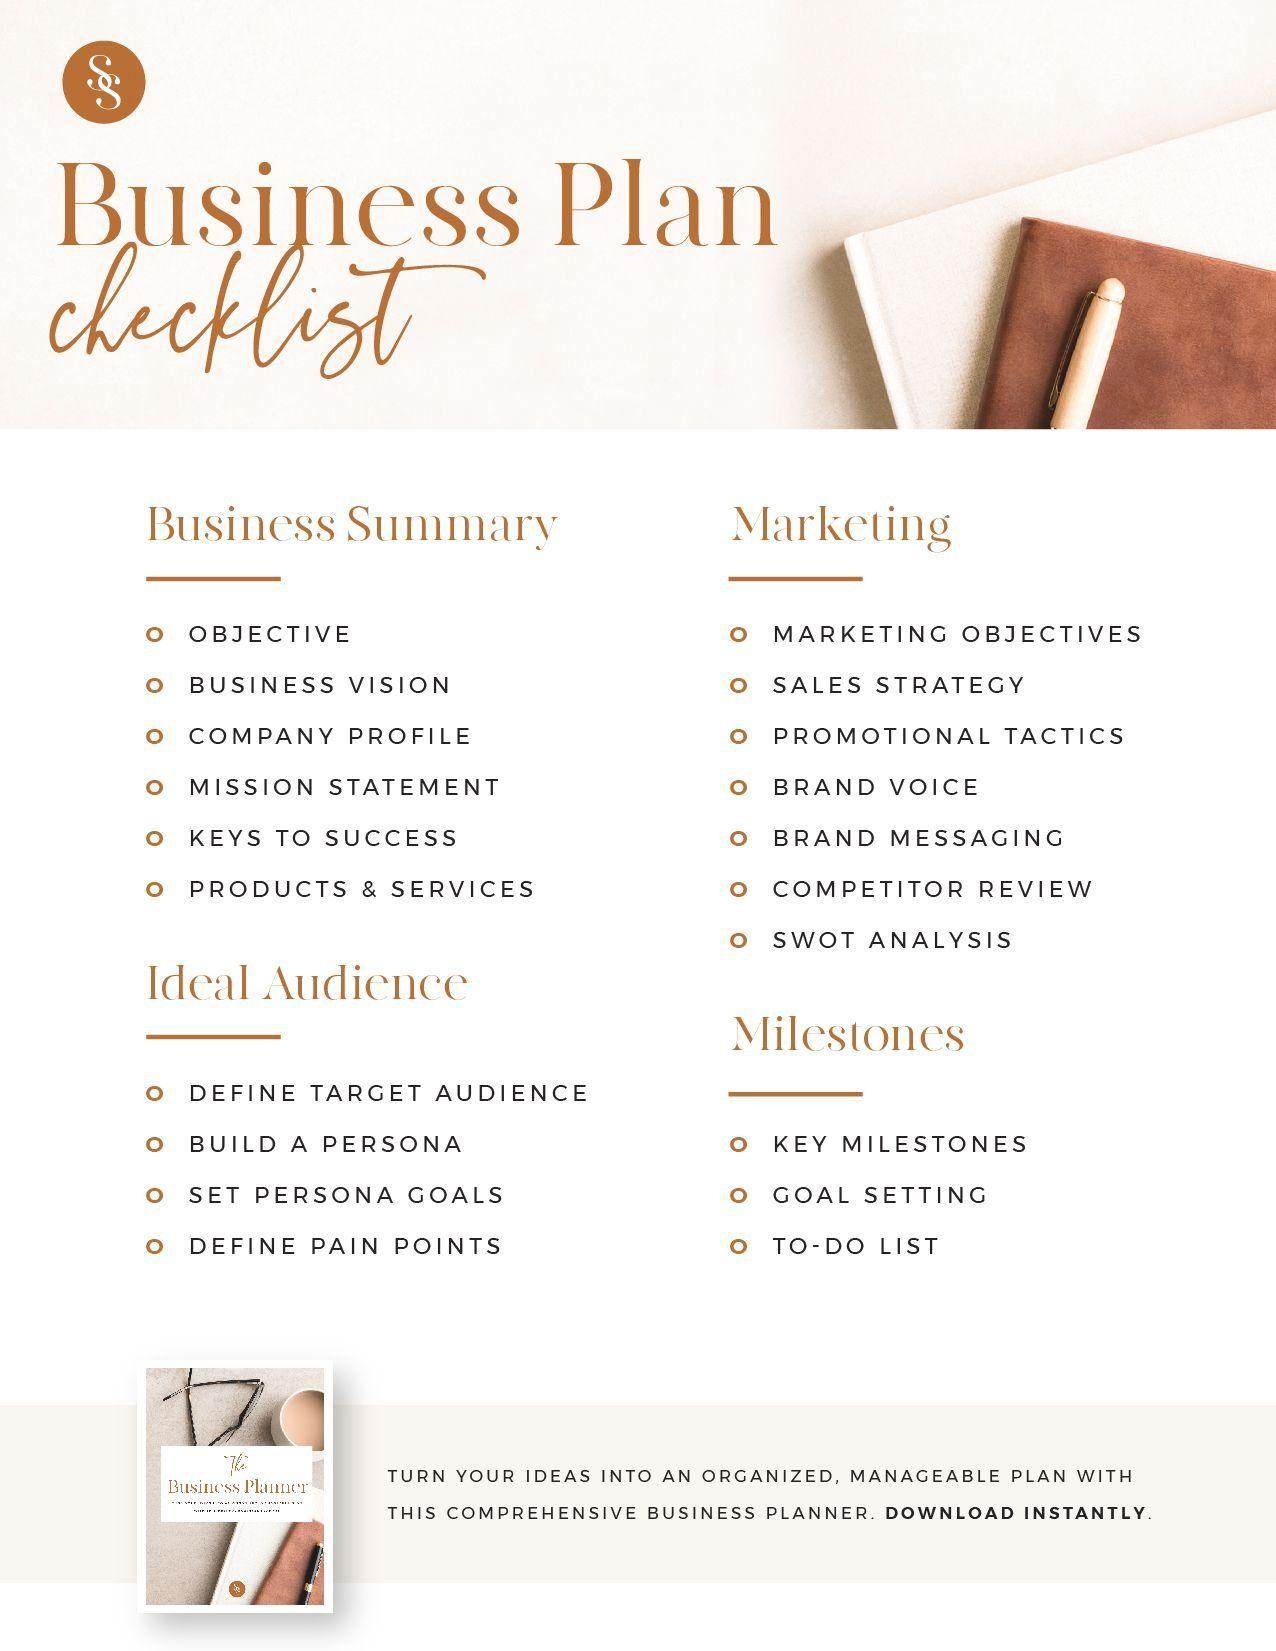 Business Plan Checklist 1000 in 2020 Business planner